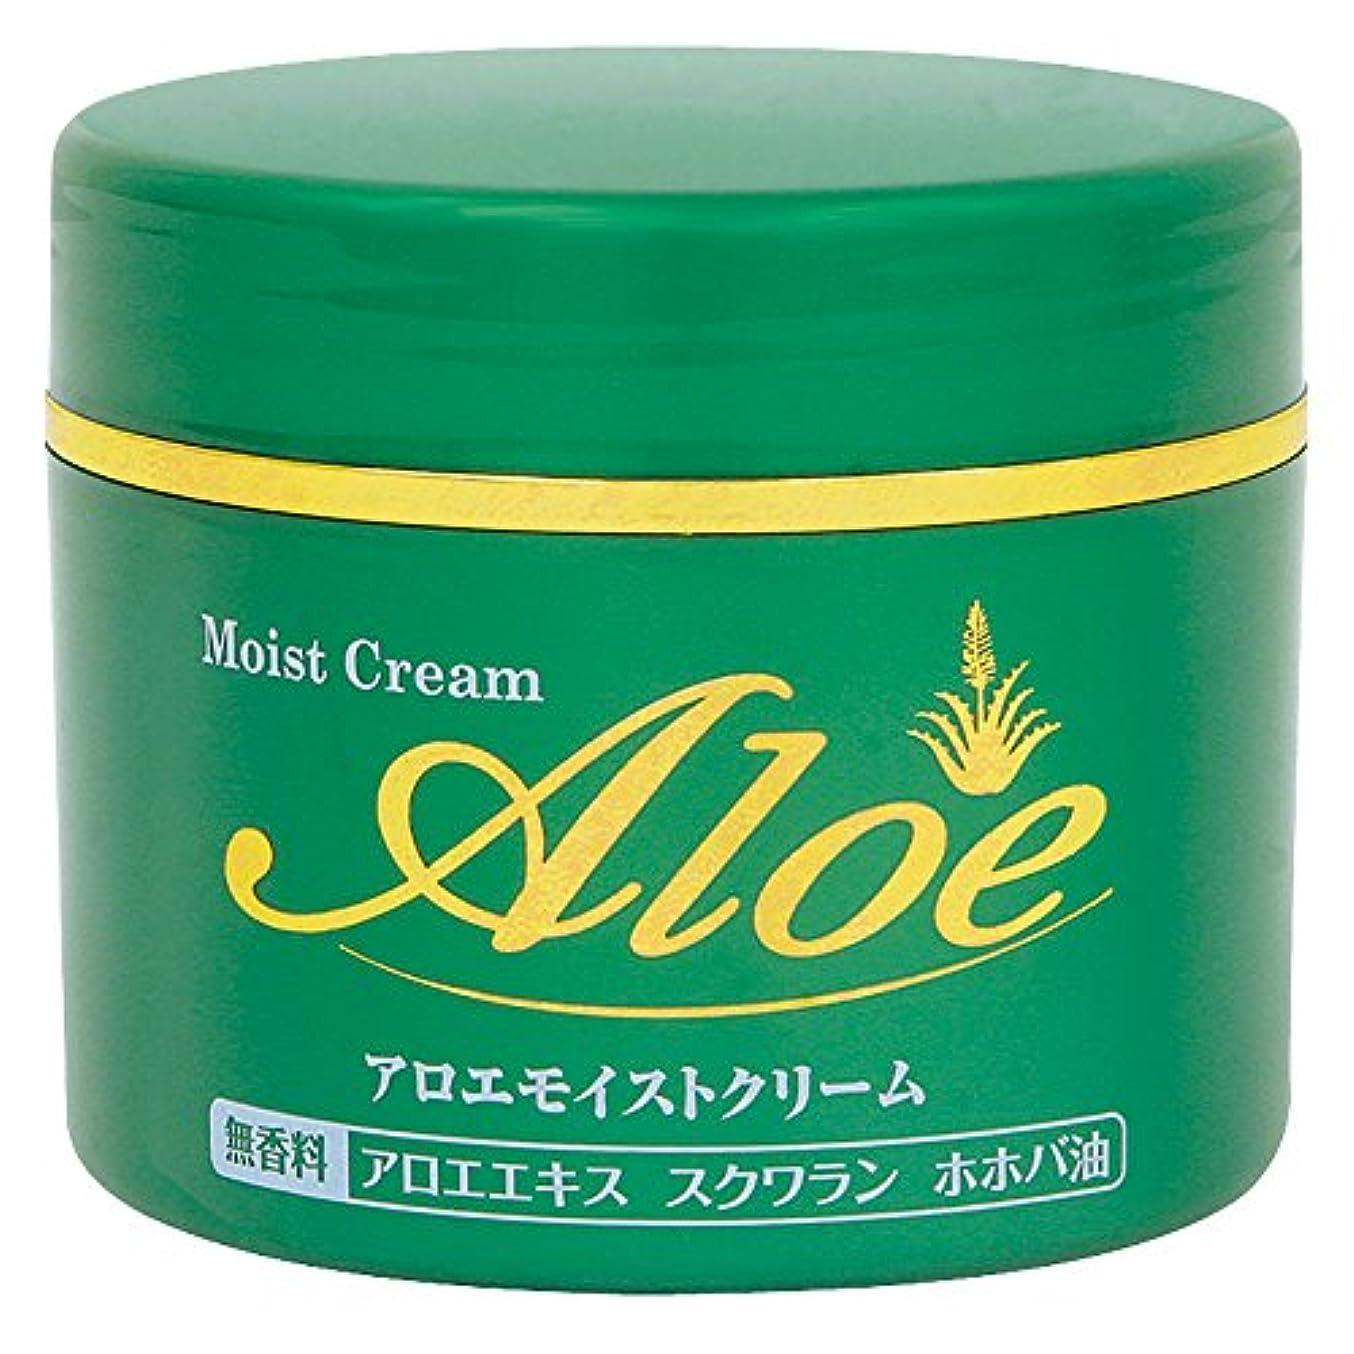 ガウンそこからクッション井藤漢方製薬 アロエモイストクリーム 160g (アロエクリーム 化粧品)